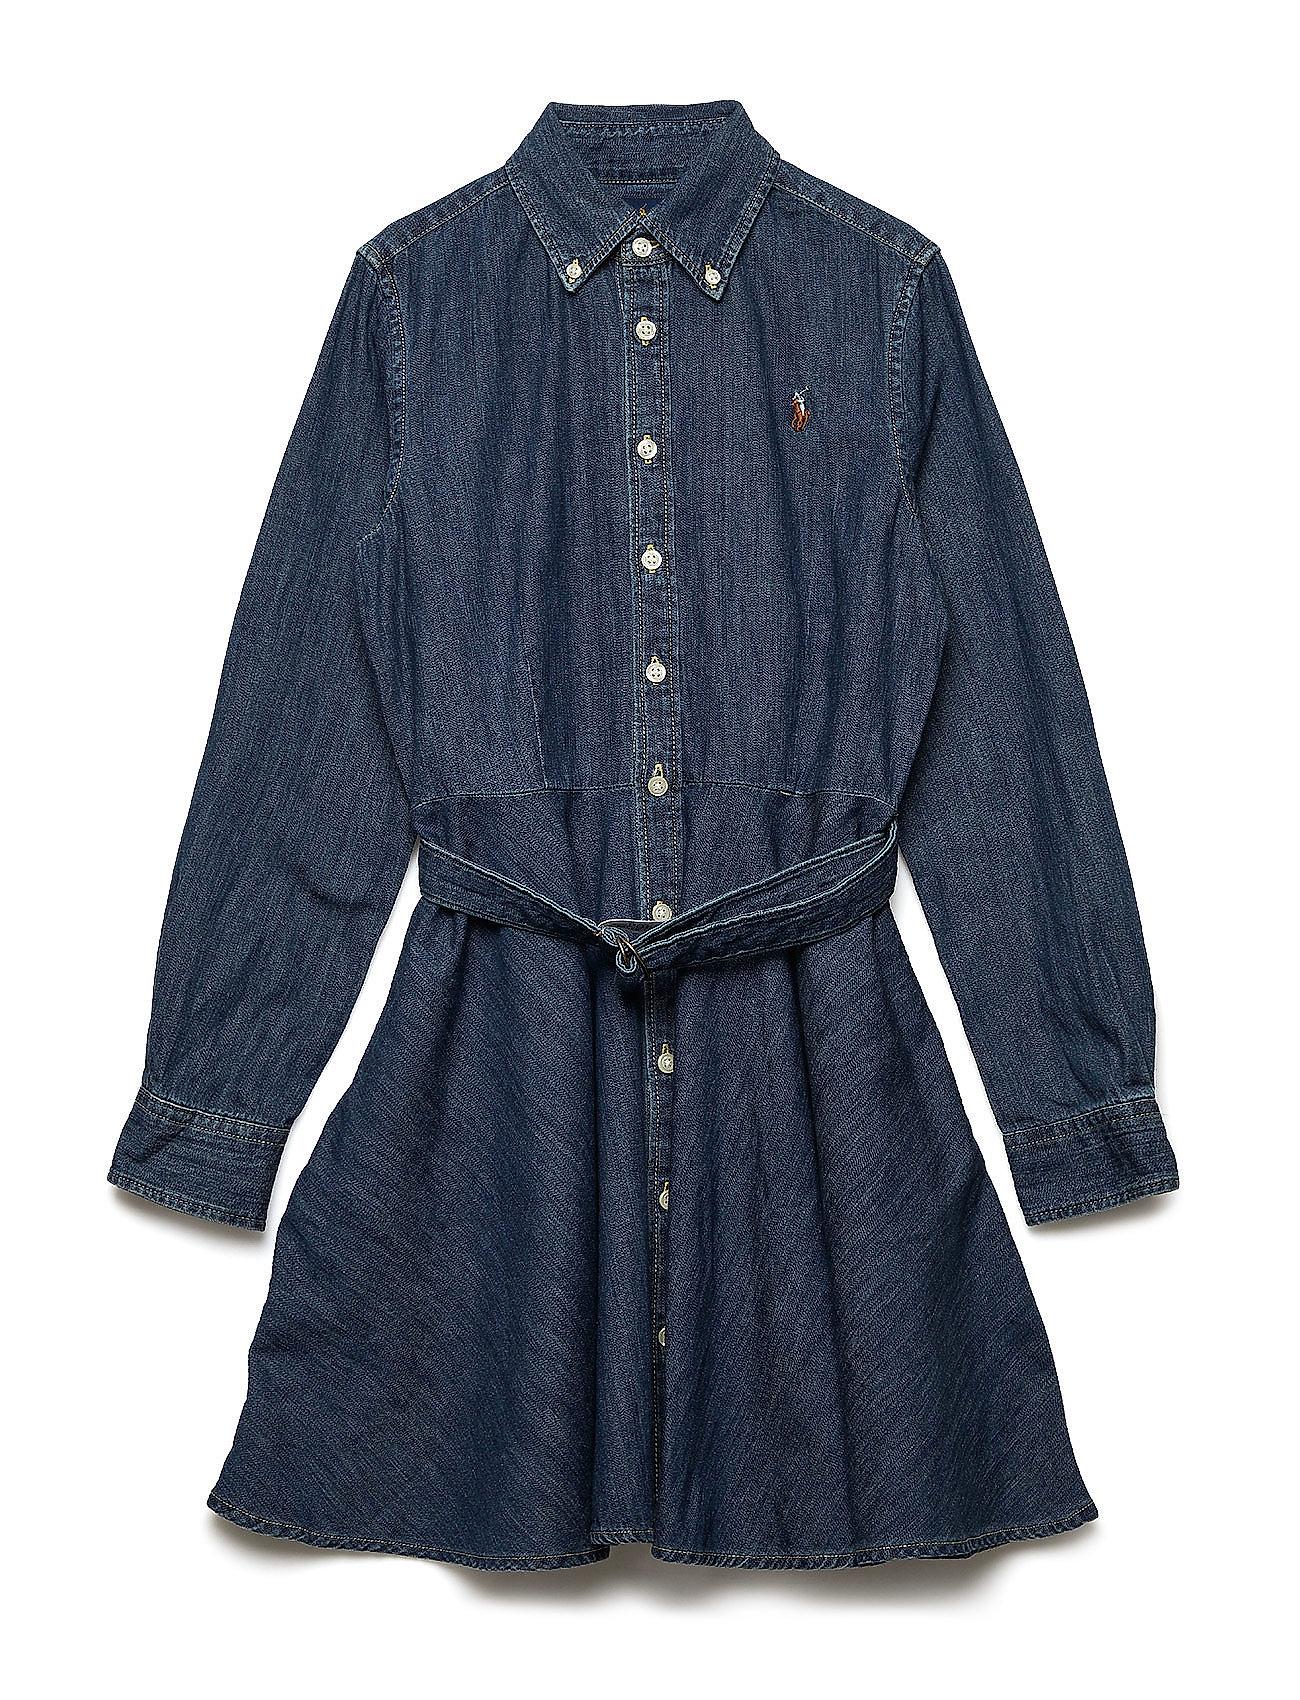 834e20ec23f Belted Cotton Denim Shirtdress (Indigo) (£89) - Ralph Lauren Kids ...